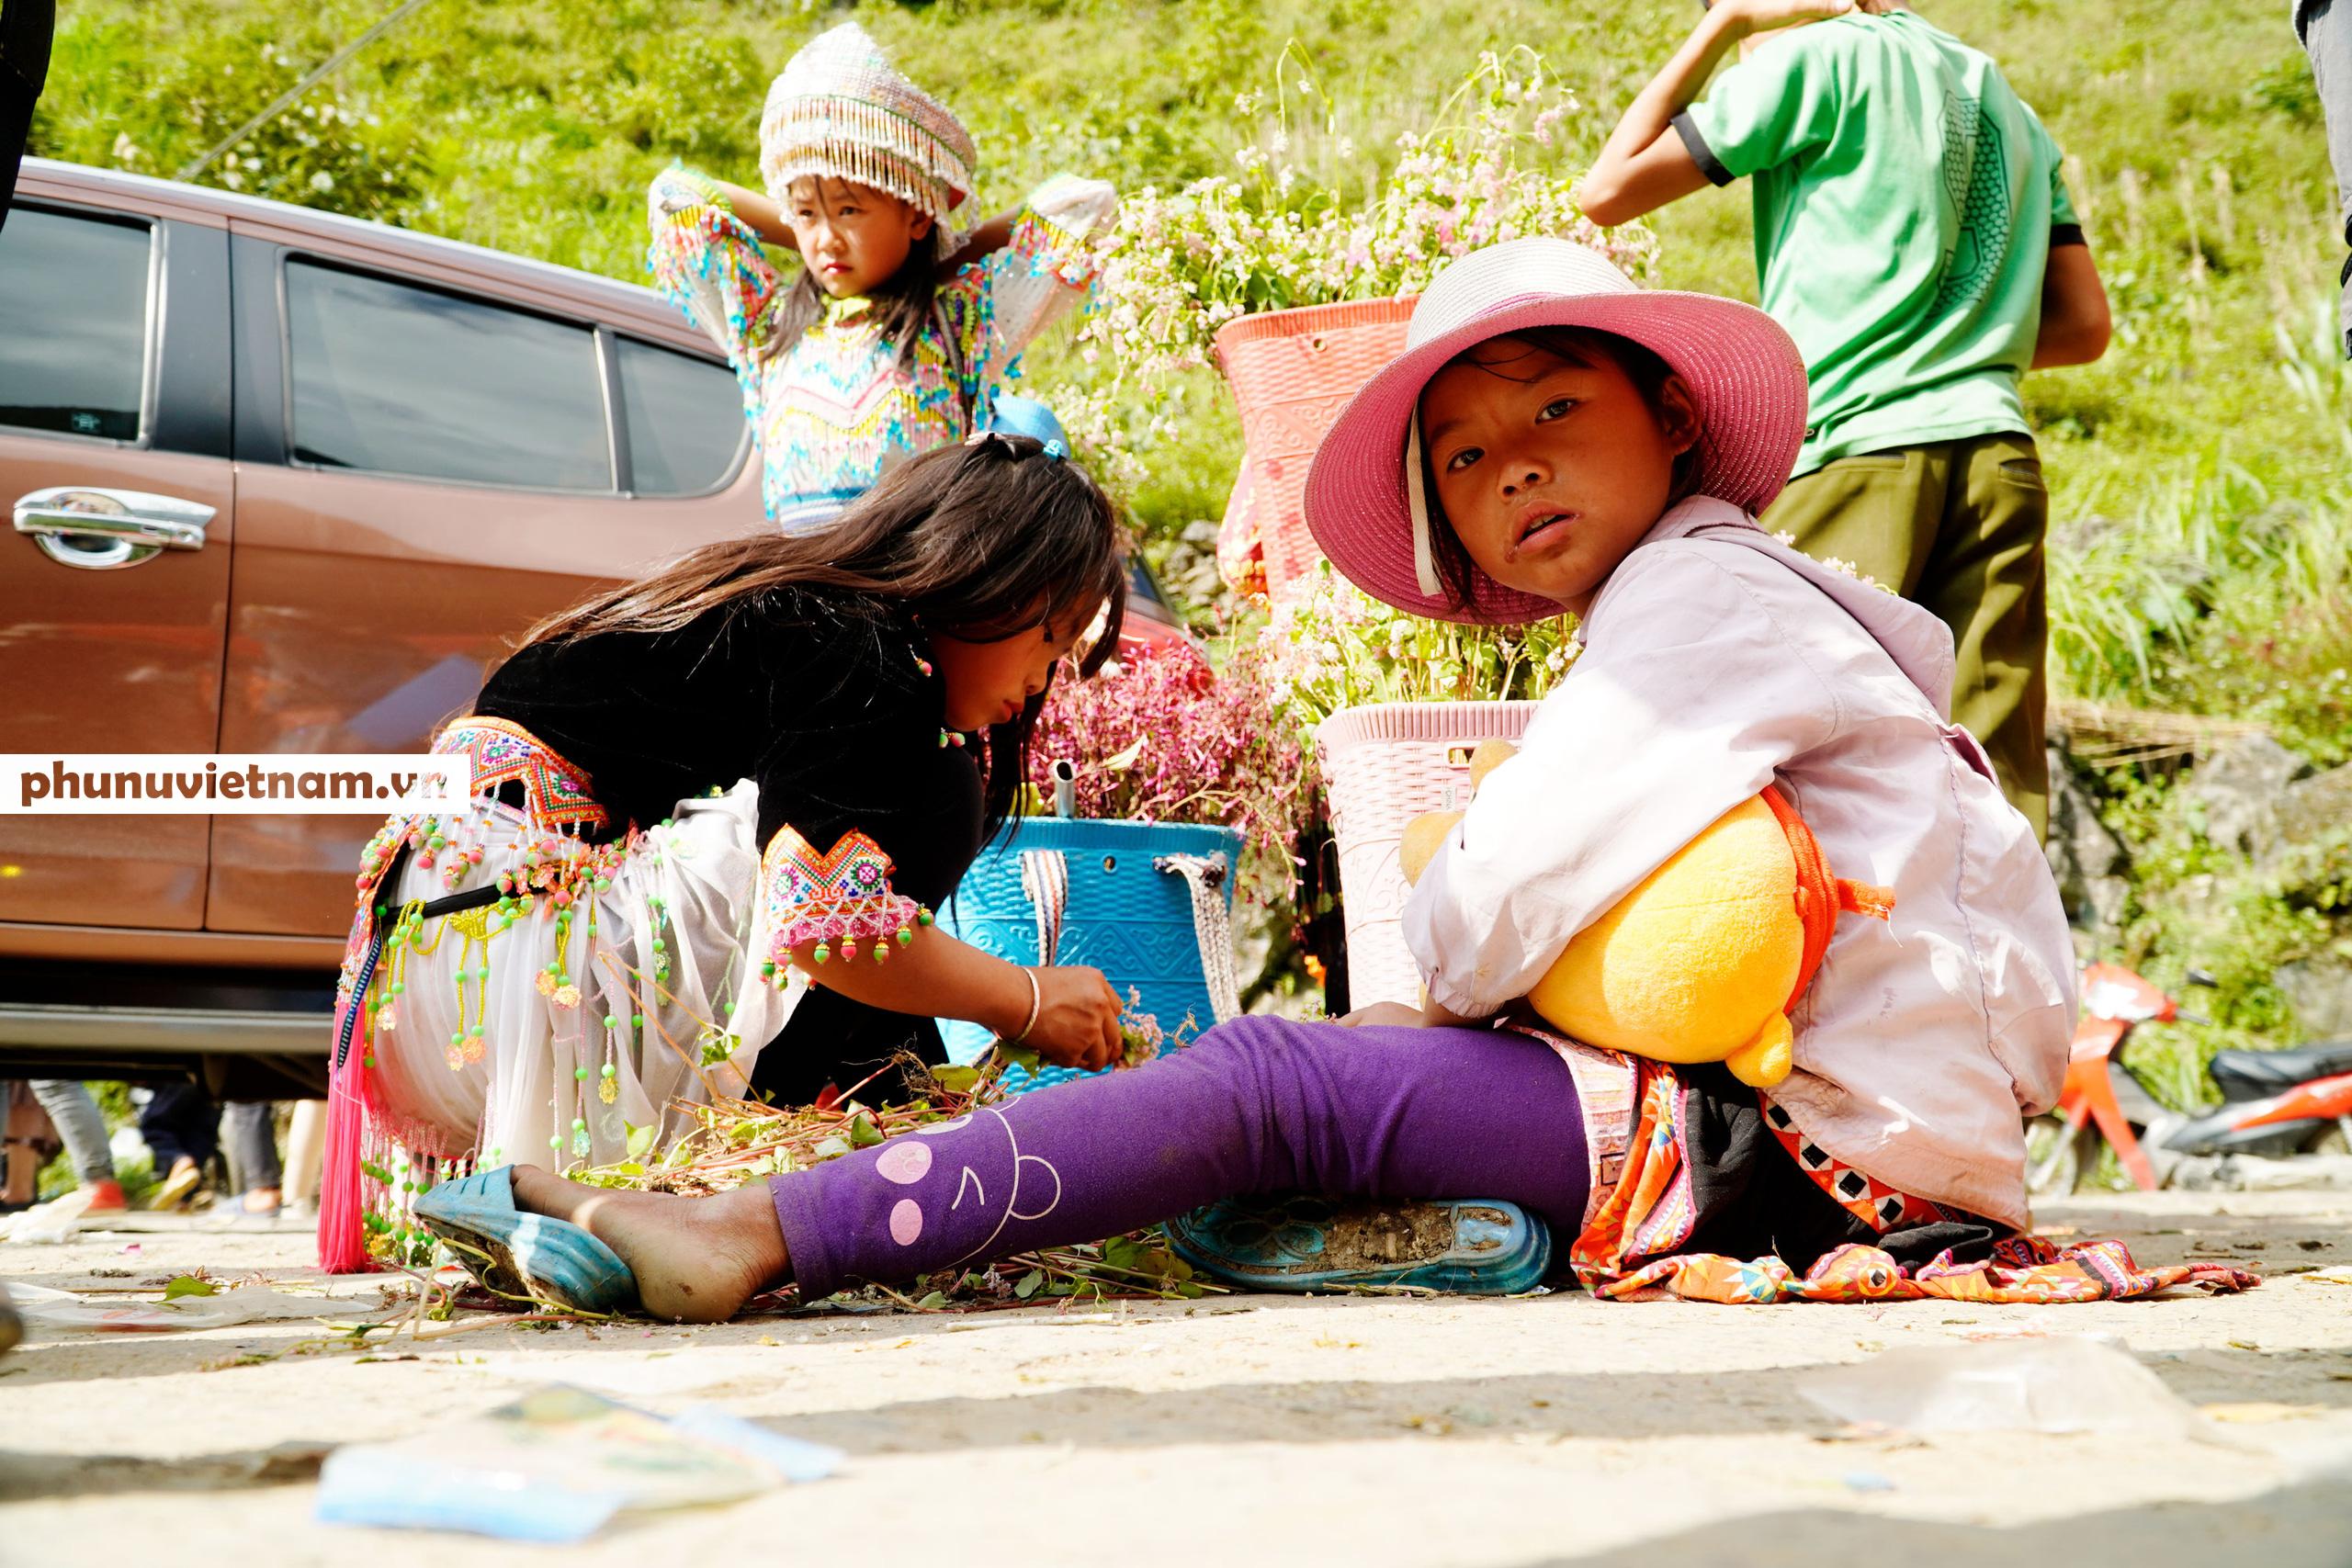 Mùa hoa tam giác mạch đong đầy nỗi nhớ trên Cao nguyên đá Hà Giang - Ảnh 9.